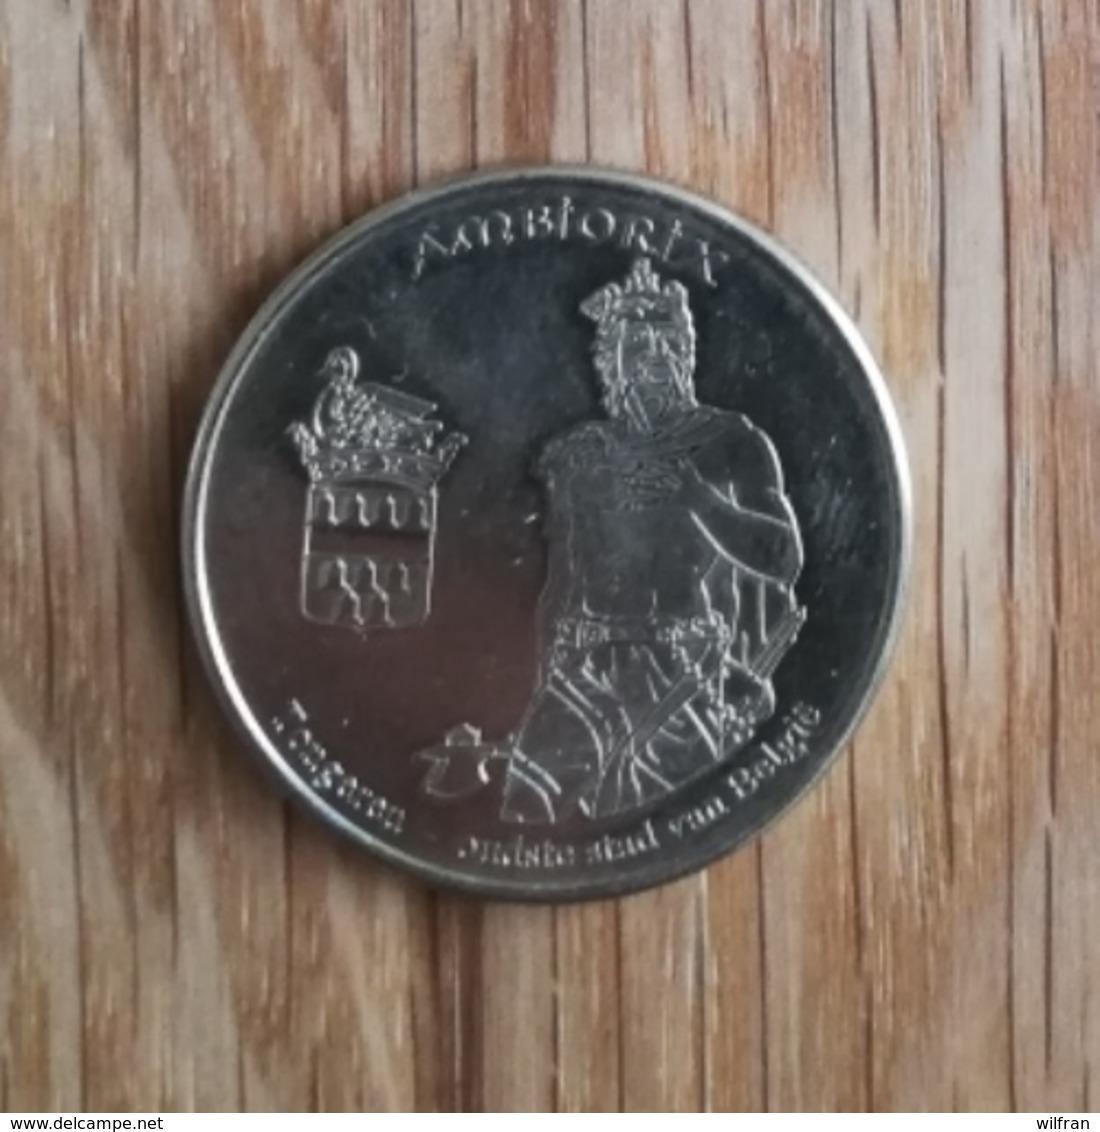 3273 Vz Ambiorix Tongeren Oudste Stad Van België - Kz Belgian Heritage Collectors Coin - Belgio